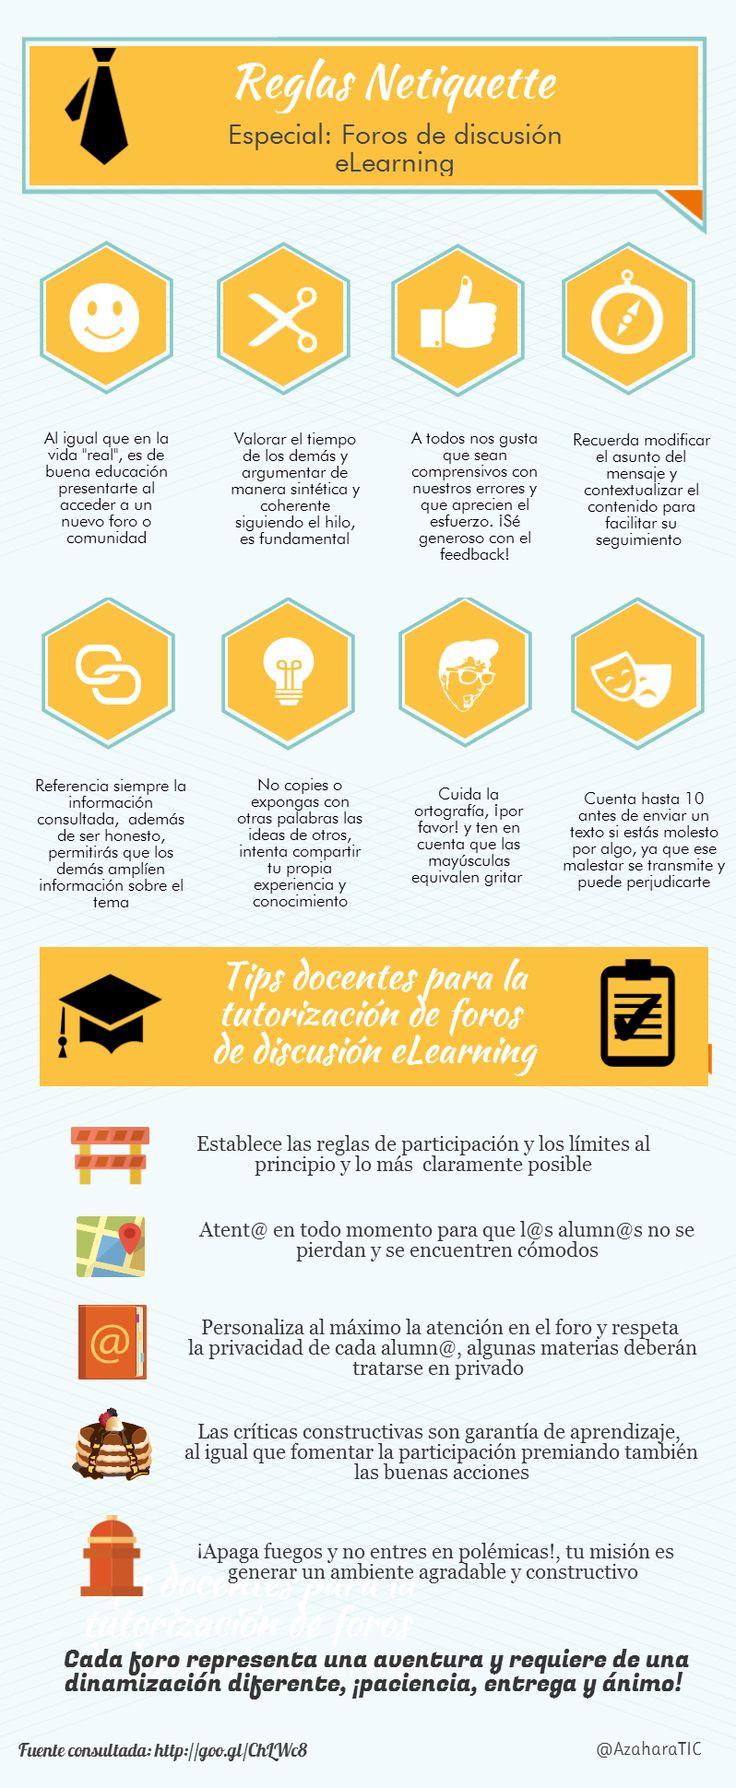 Reglas de Etiqueta en foros de discusión eLearning [infografía]